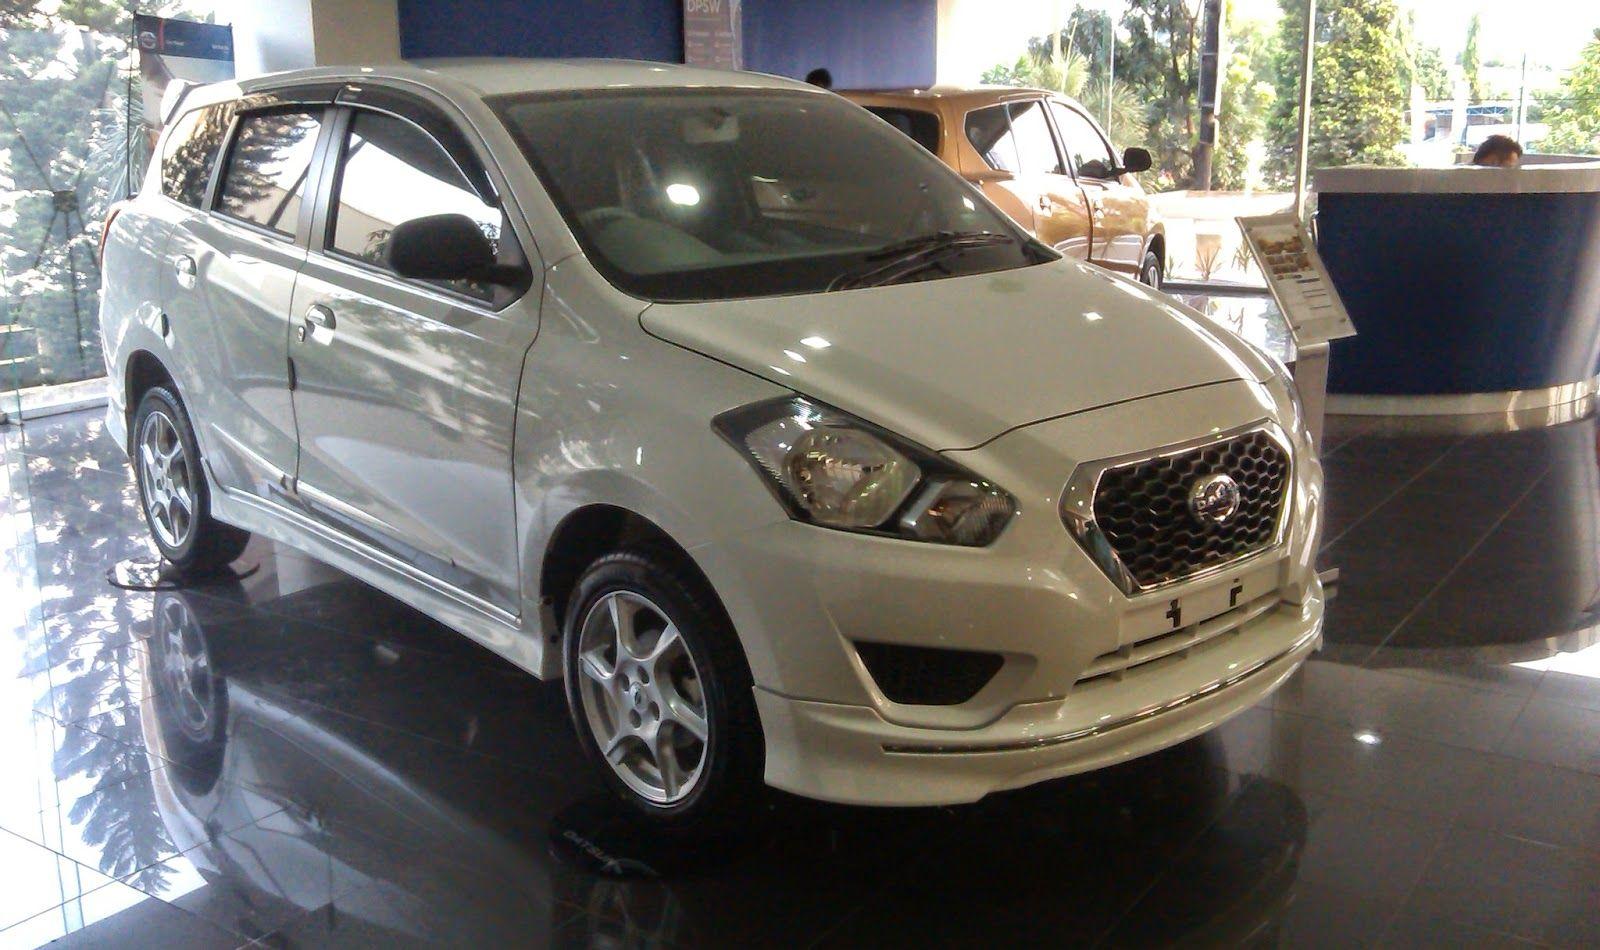 Informasi Promo Daftar Harga Terbaru Mobil Nissan Datsun Go Kredit Datsun Go Nissan Mobil Baru Mobil